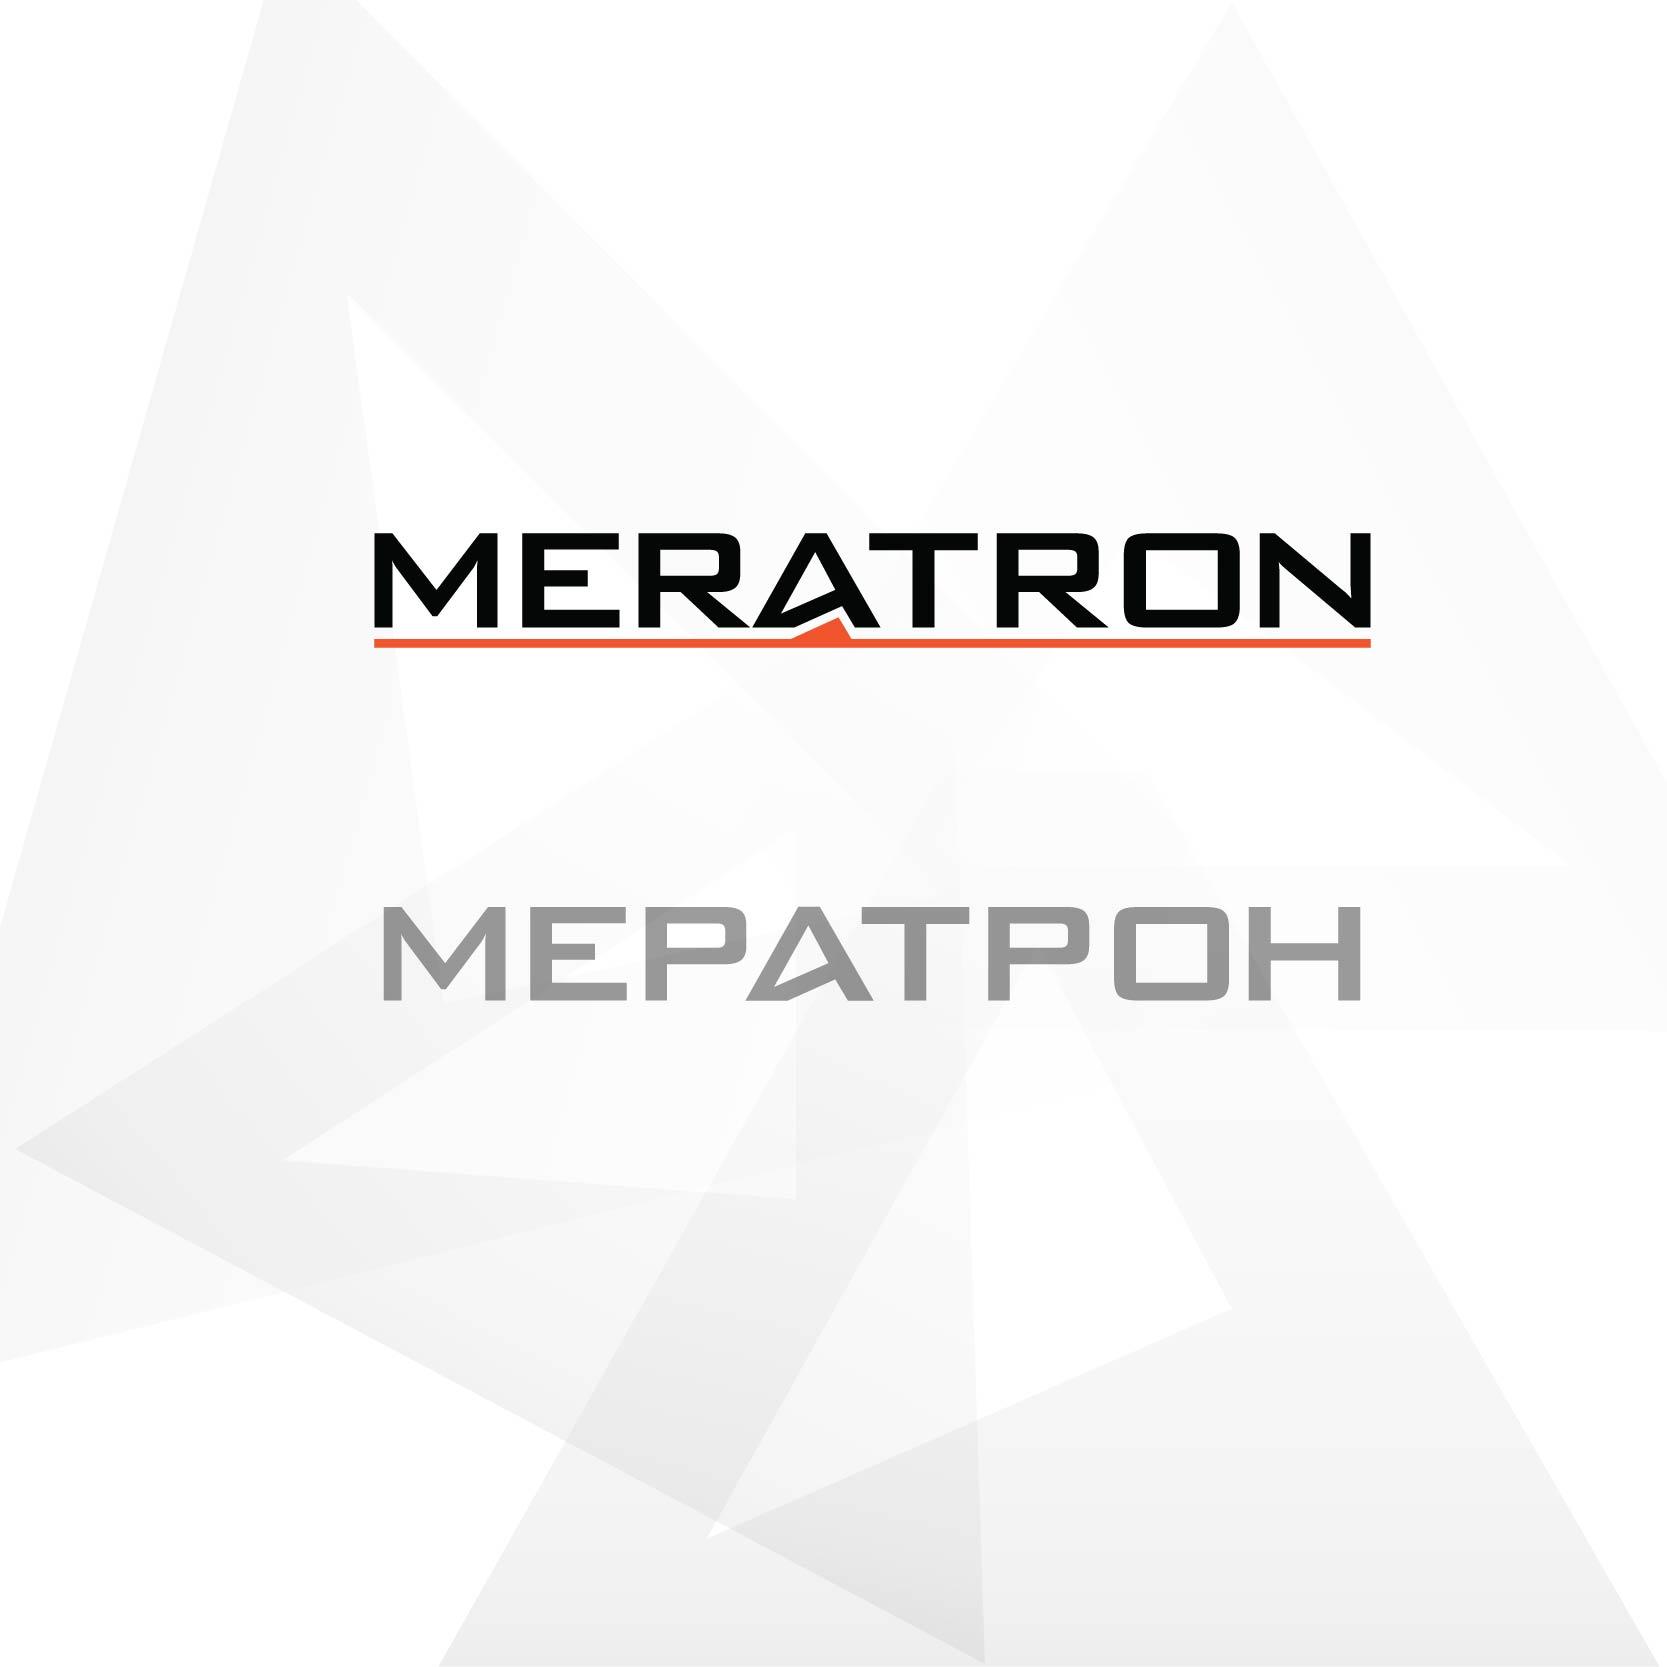 Разработать логотип организации фото f_4f11613221a38.jpg